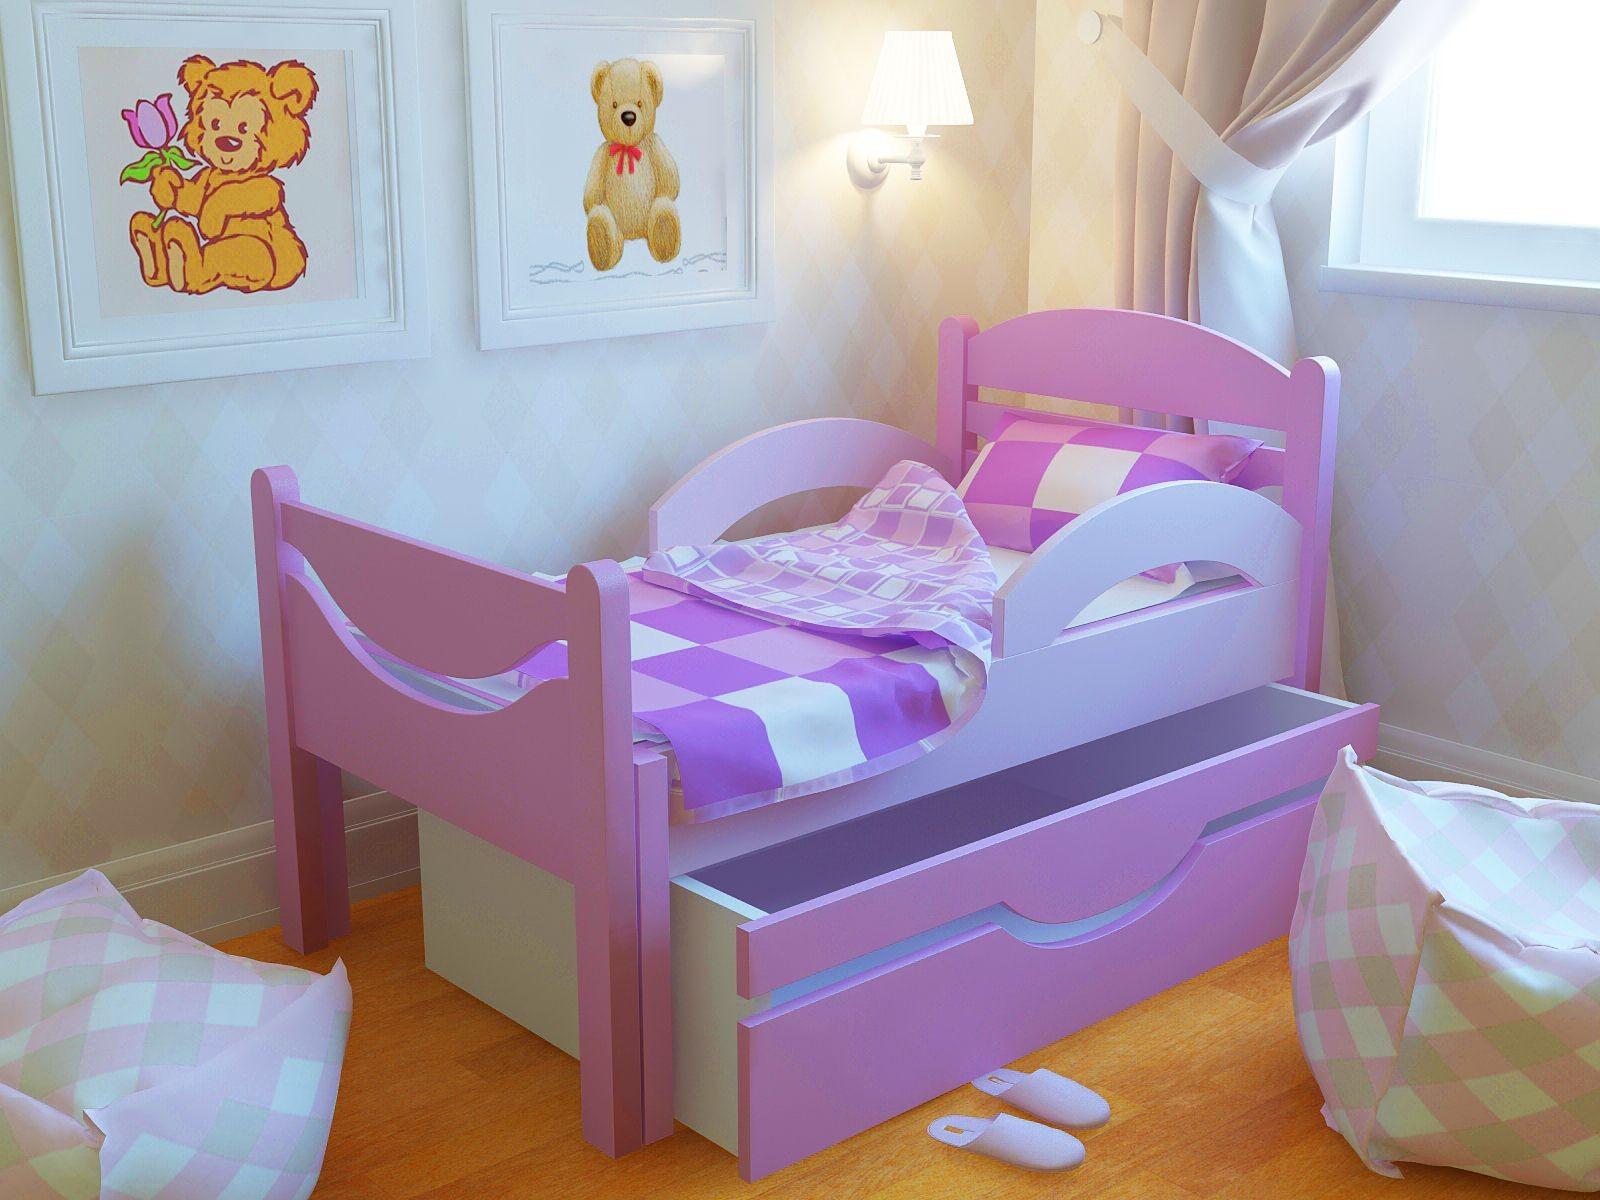 Ростушка-Простушка СМЯ2Б85 детская раздвижная кровать серии Я расту для мальчиков и девочек детей от 2-3 лет